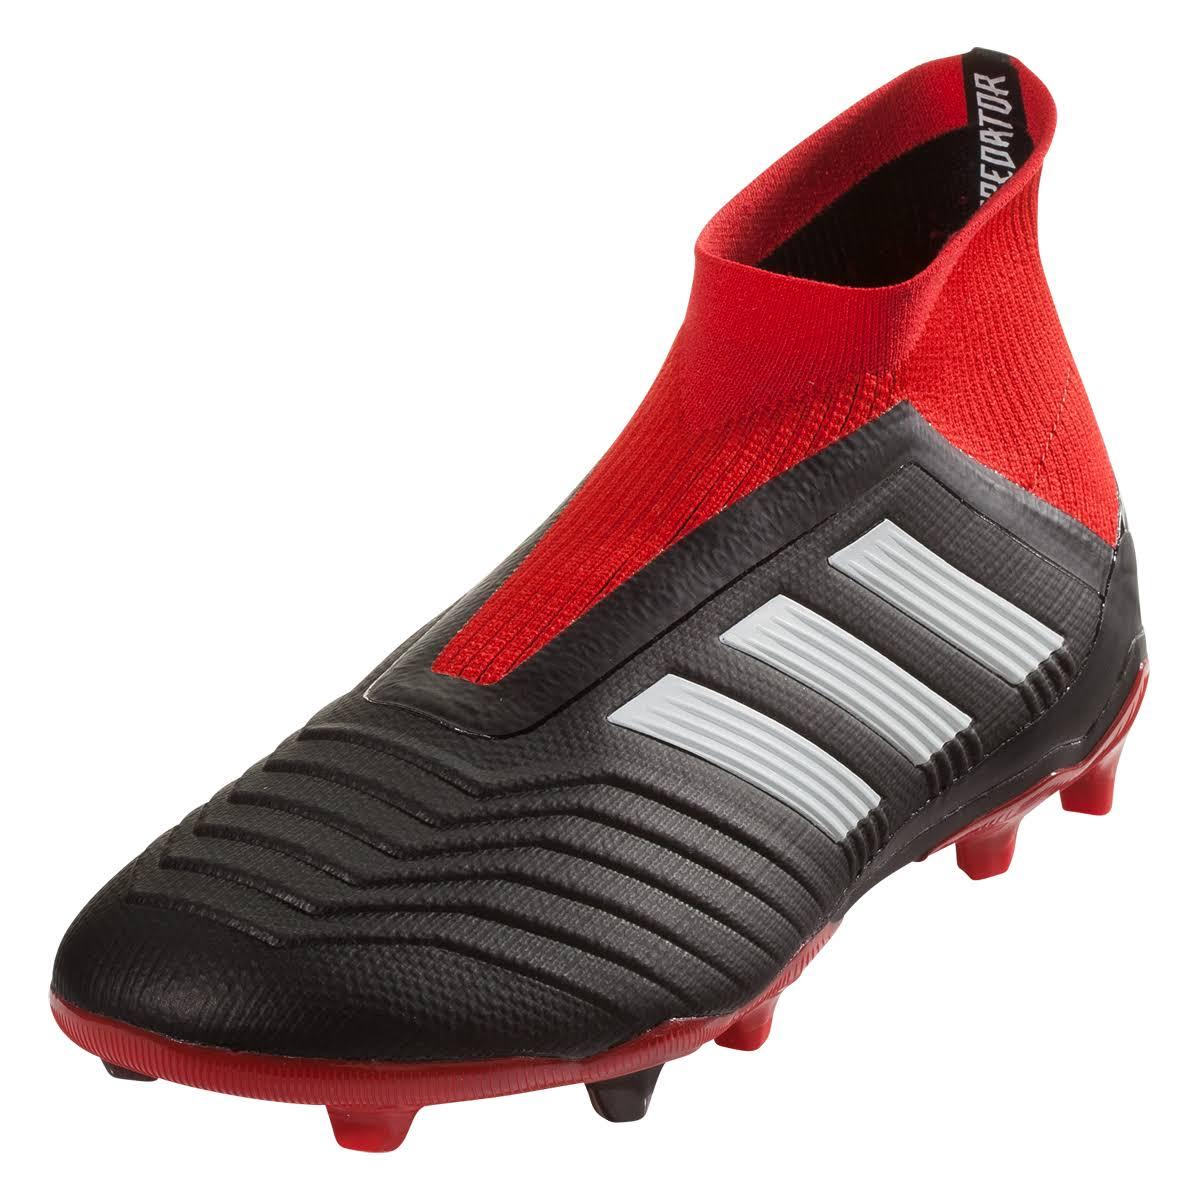 Color Fidas Fútbol De rojo Adidas 4 5 18 Predator Negro Fg Botines Junior Sin q6OwBnBp